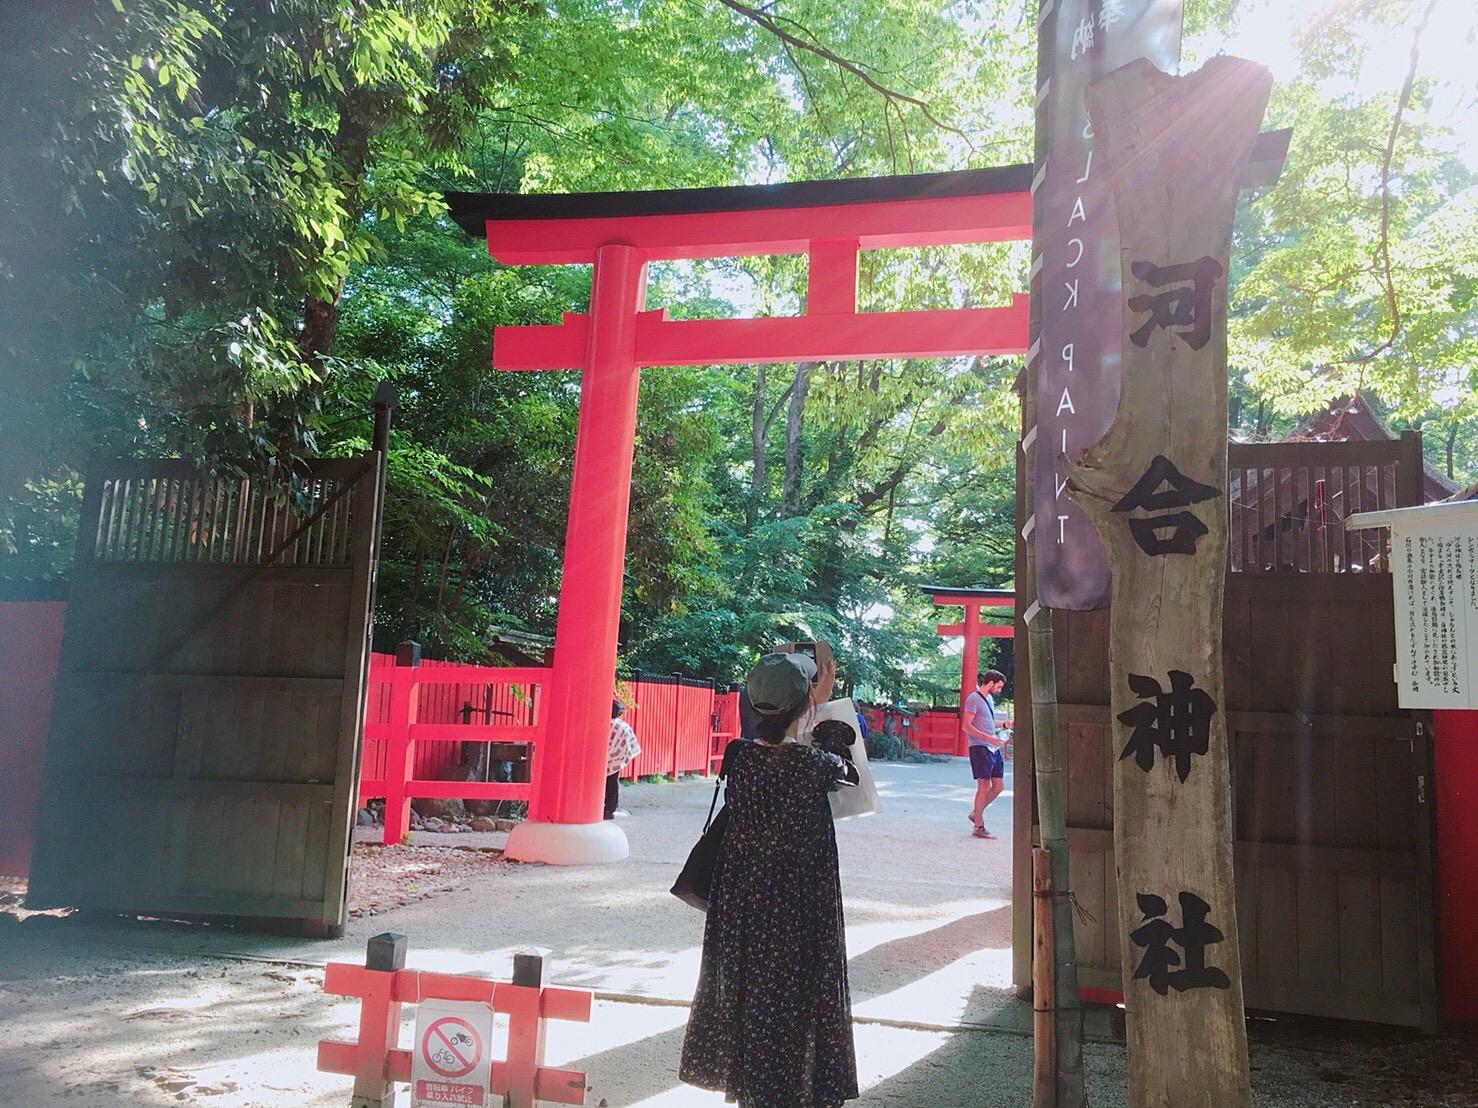 【女子旅におすすめ】京都で体験して最高だったベストメモリーまとめ♡_9